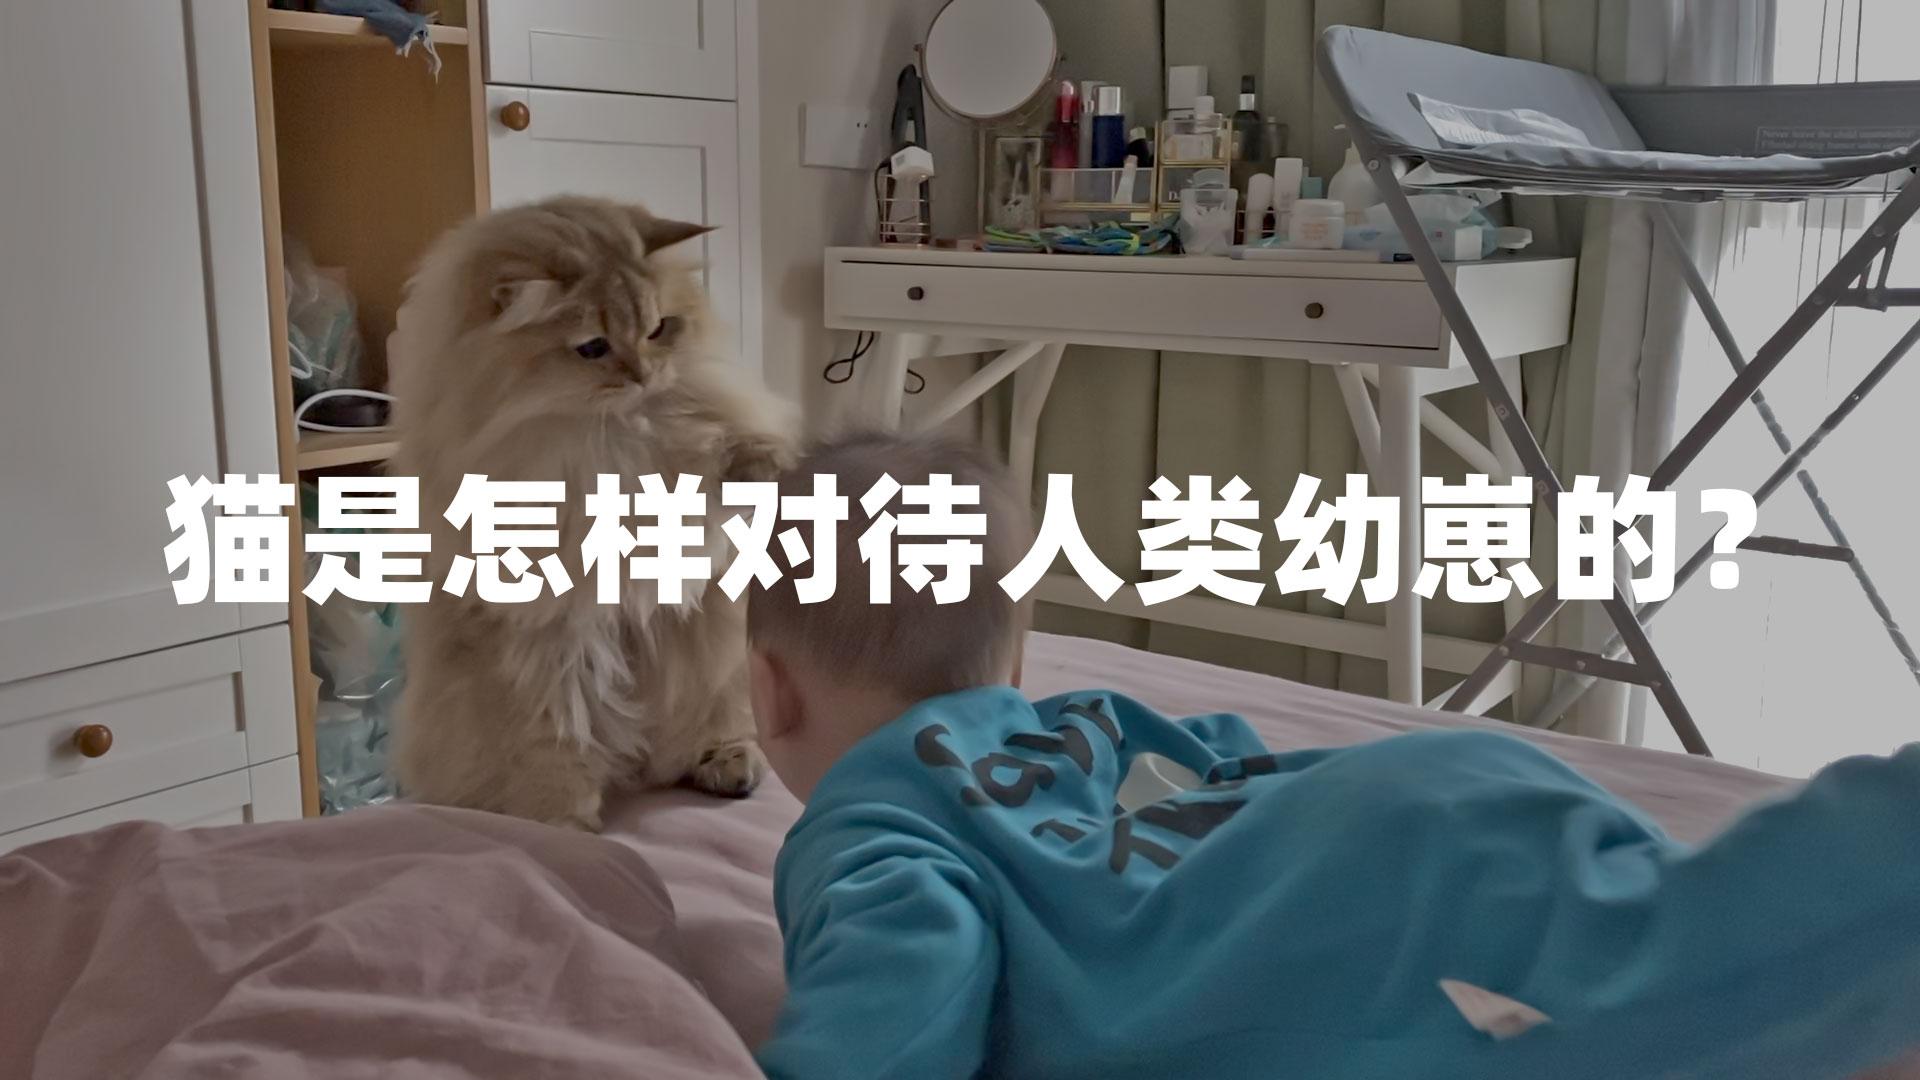 猫怎样对待人类幼崽?金渐层麻糬差点对弟弟动手,见姐姐一秒变脸【两个人一条狗】